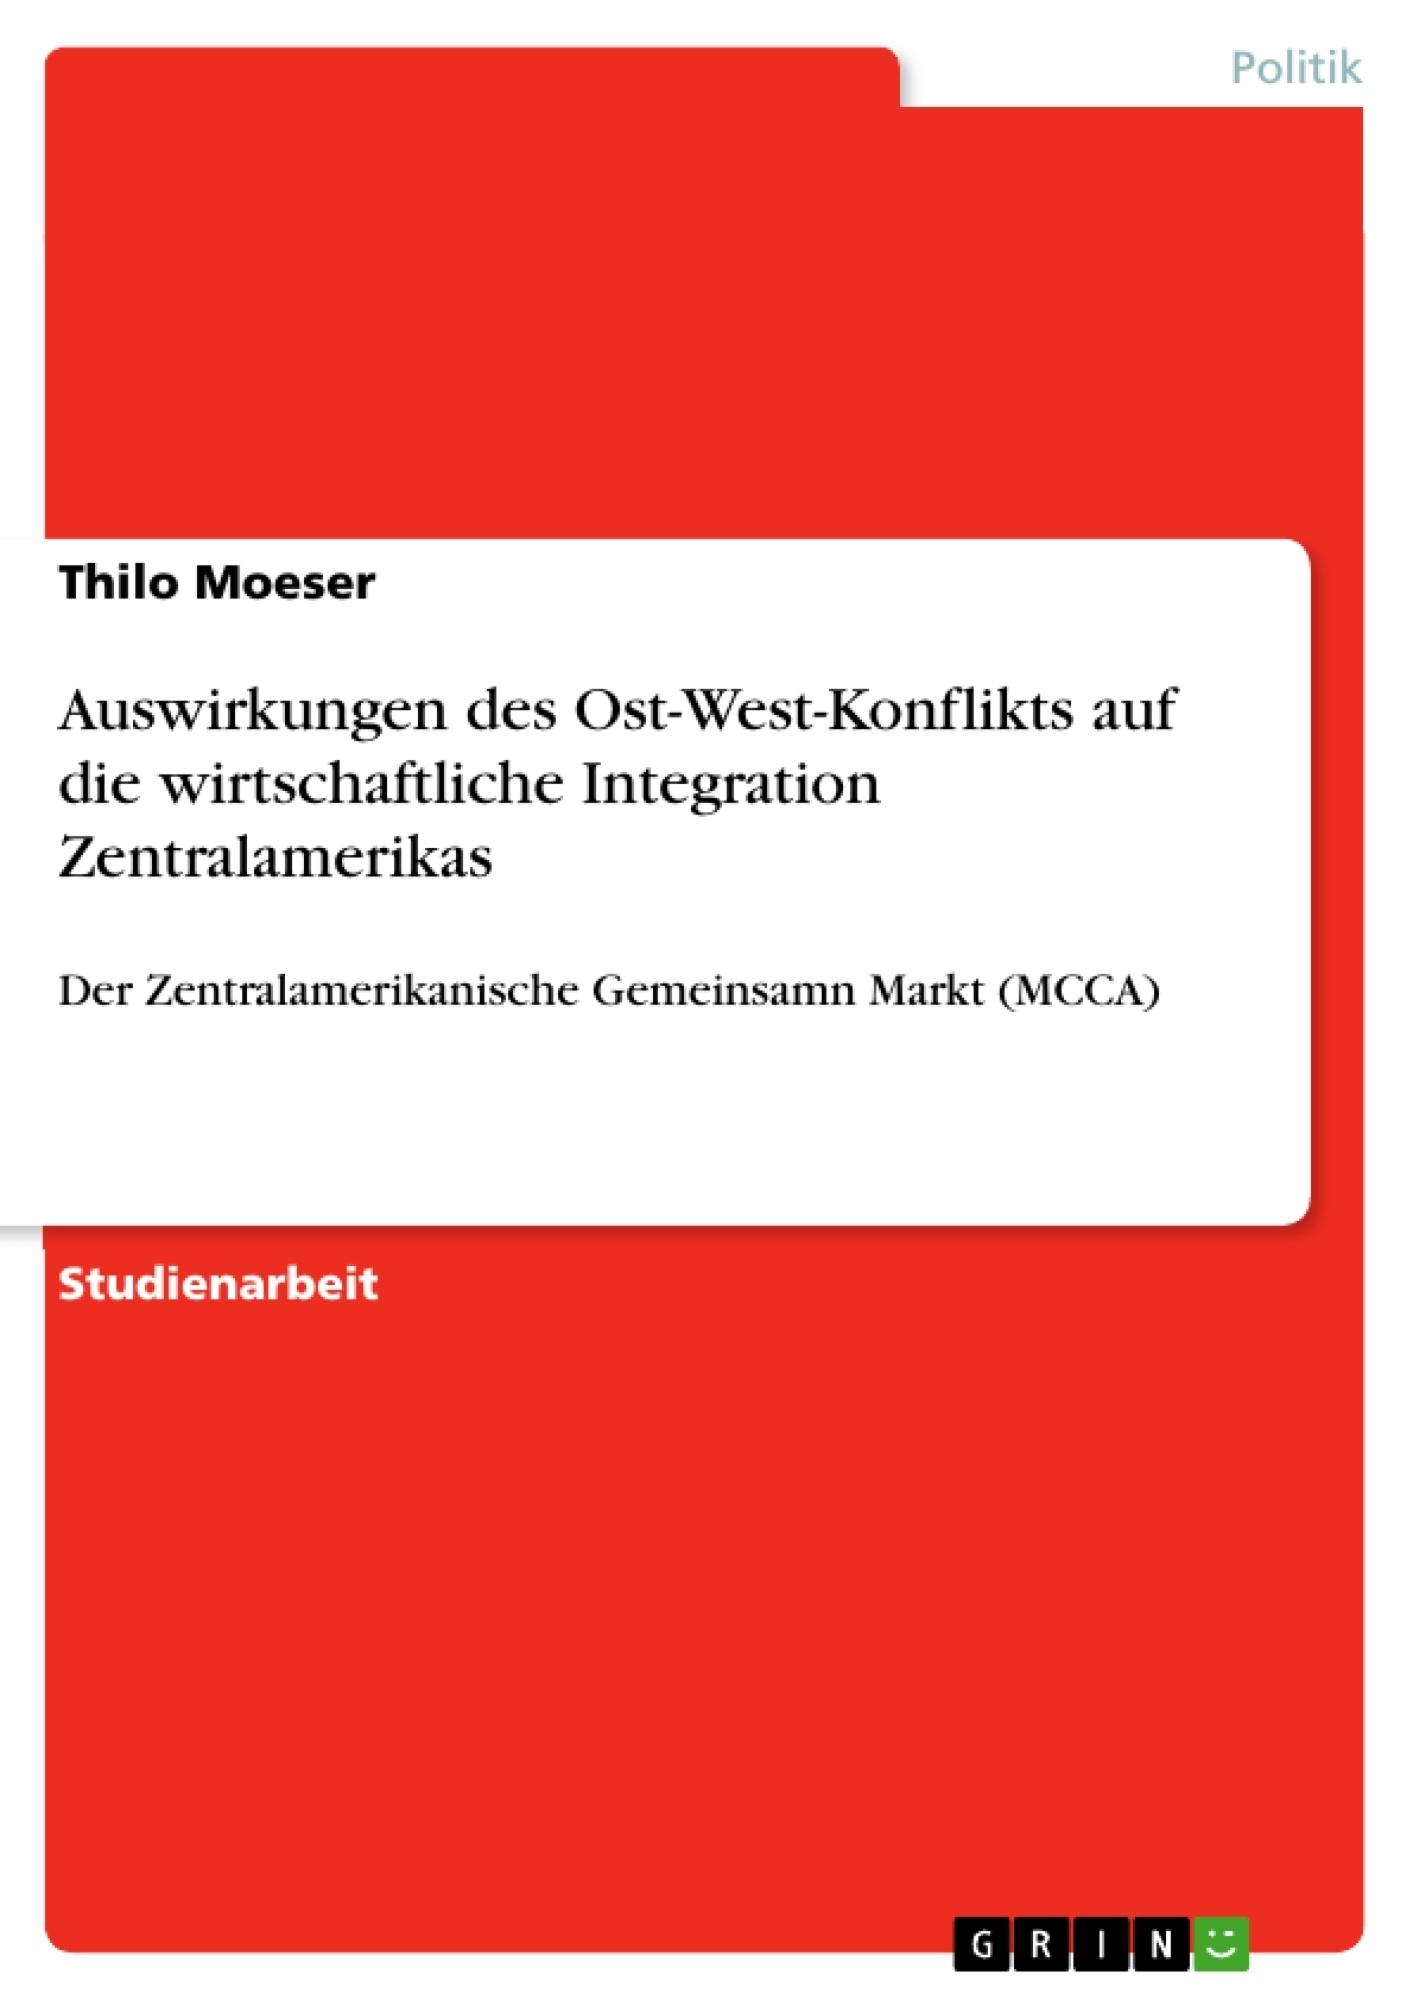 Titel: Auswirkungen des Ost-West-Konflikts auf die wirtschaftliche Integration Zentralamerikas